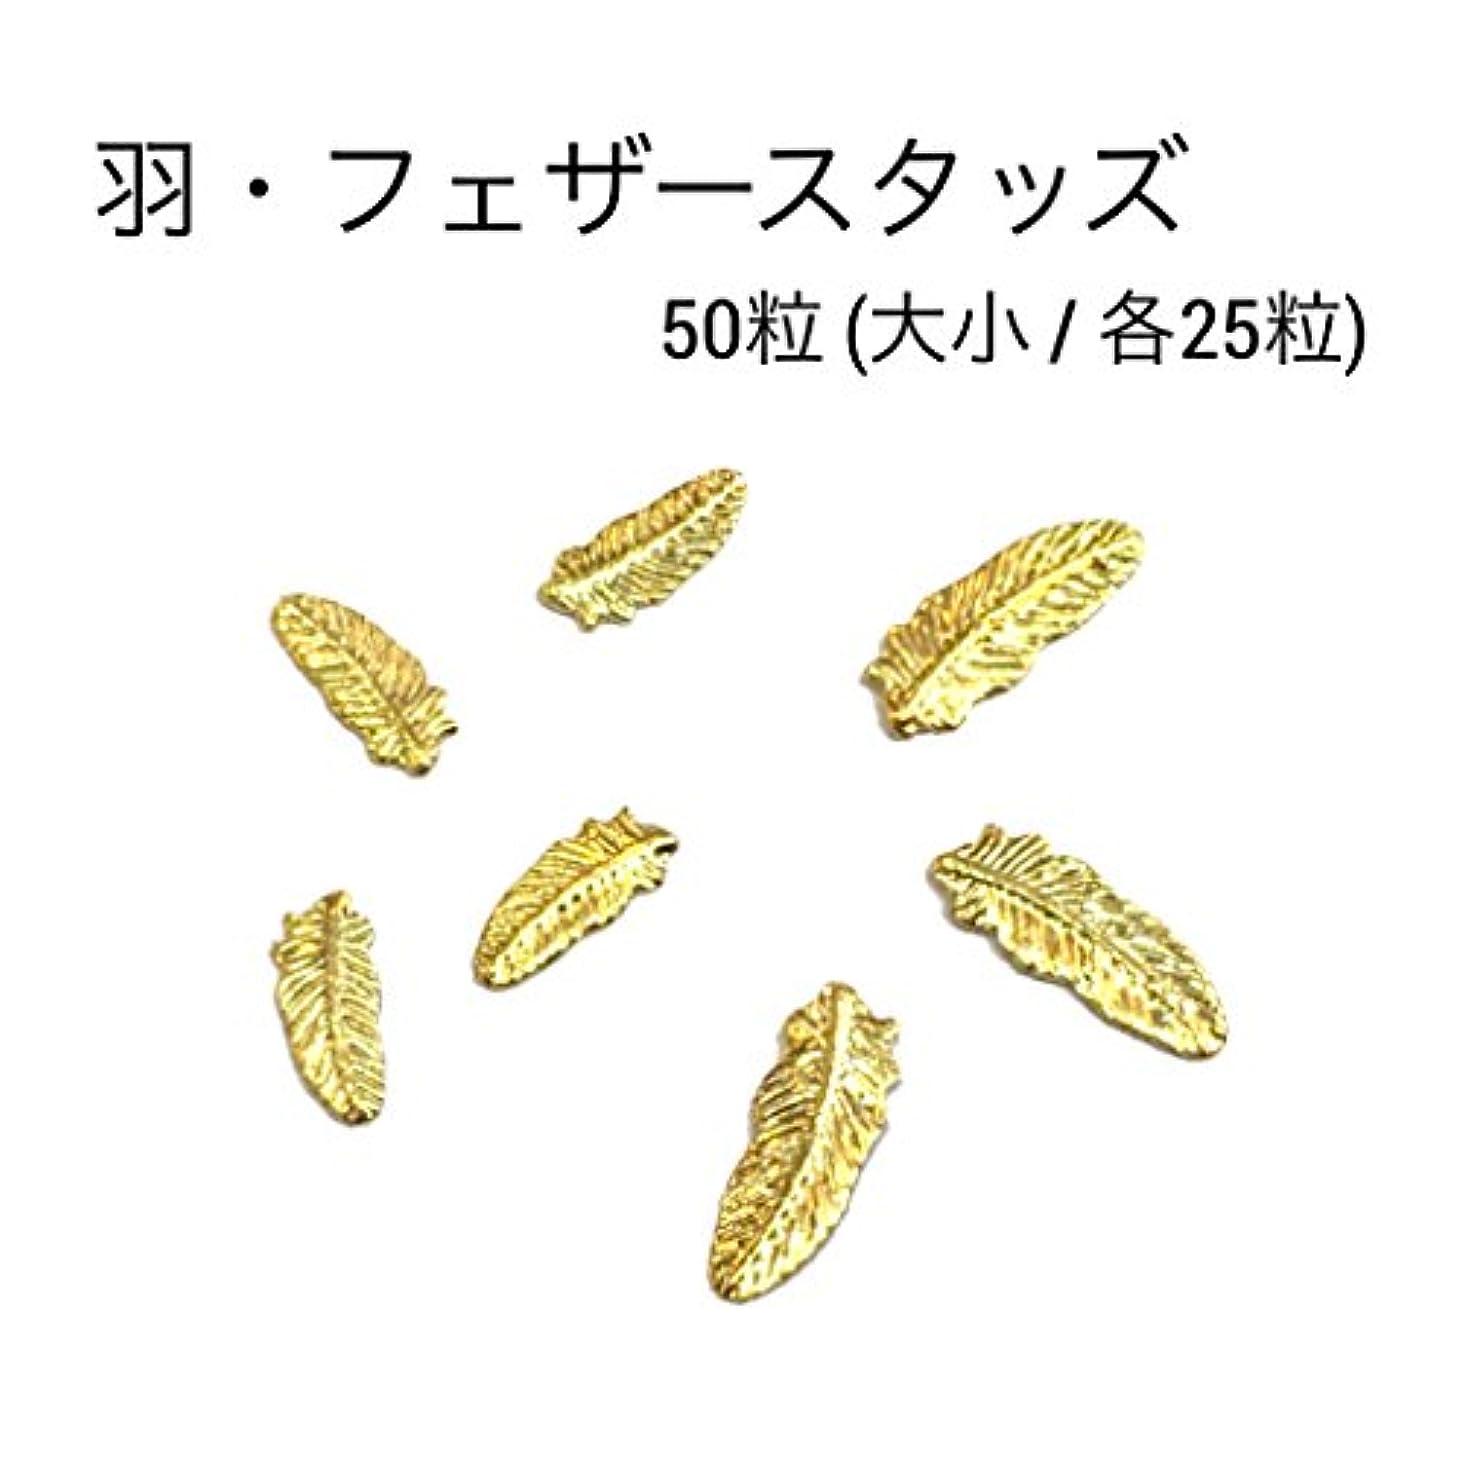 銅原稿余分な羽?フェザースタッズ?ゴールド50粒/(大.小/各25粒)